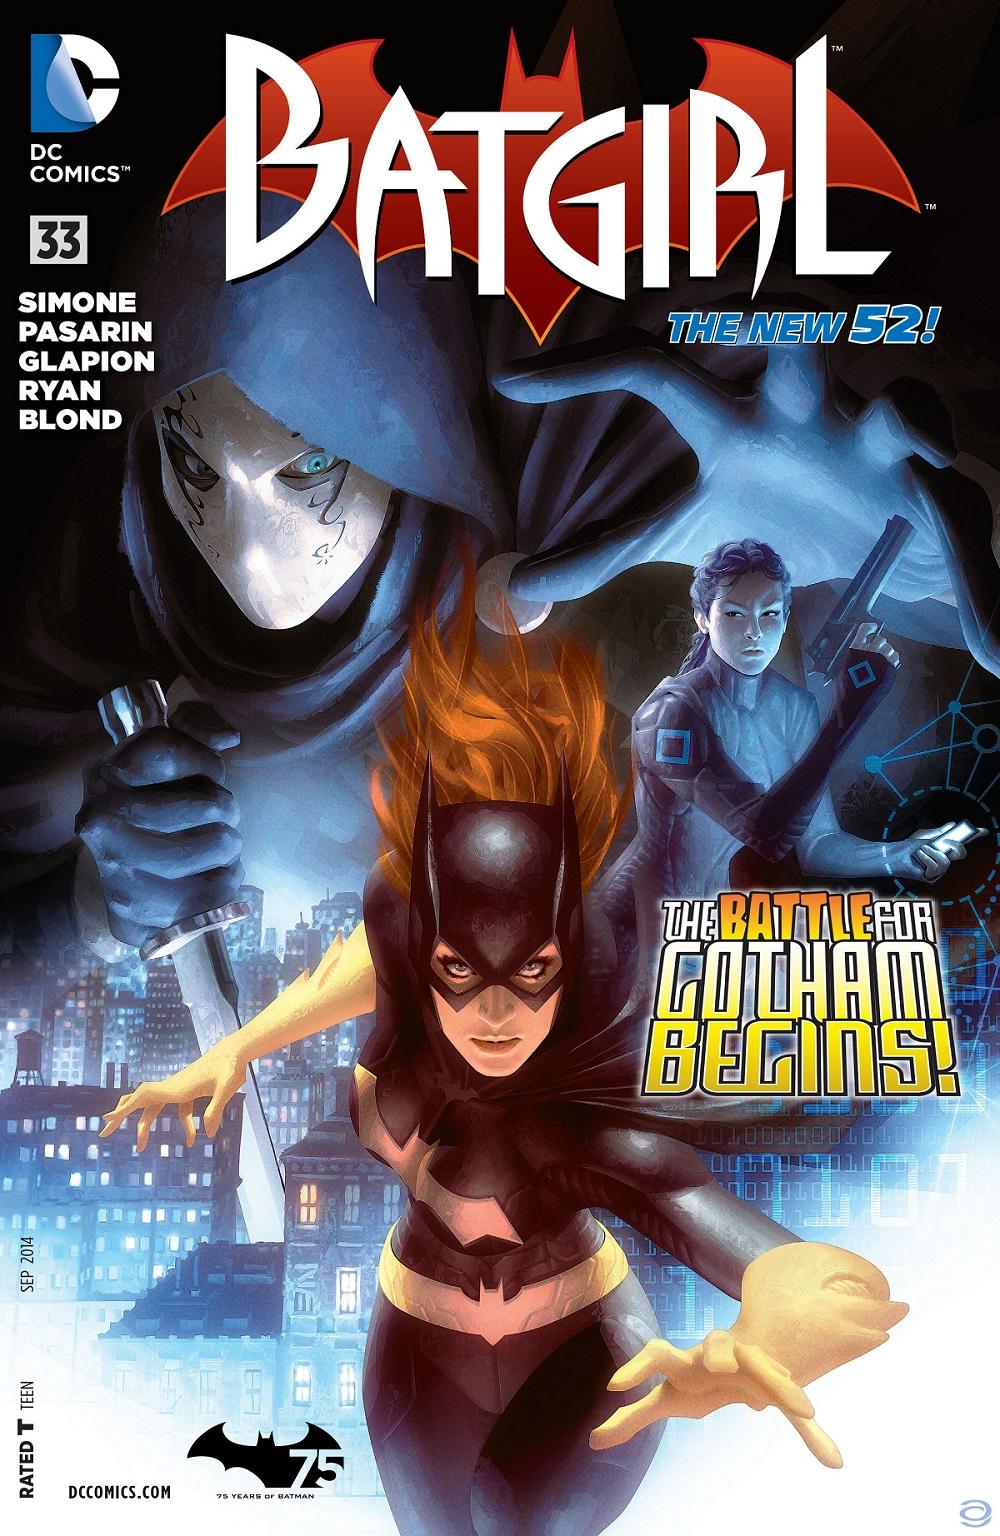 Munira Khairuddin (Obscura) memegang pistol dalam cover depan Batgirl #33